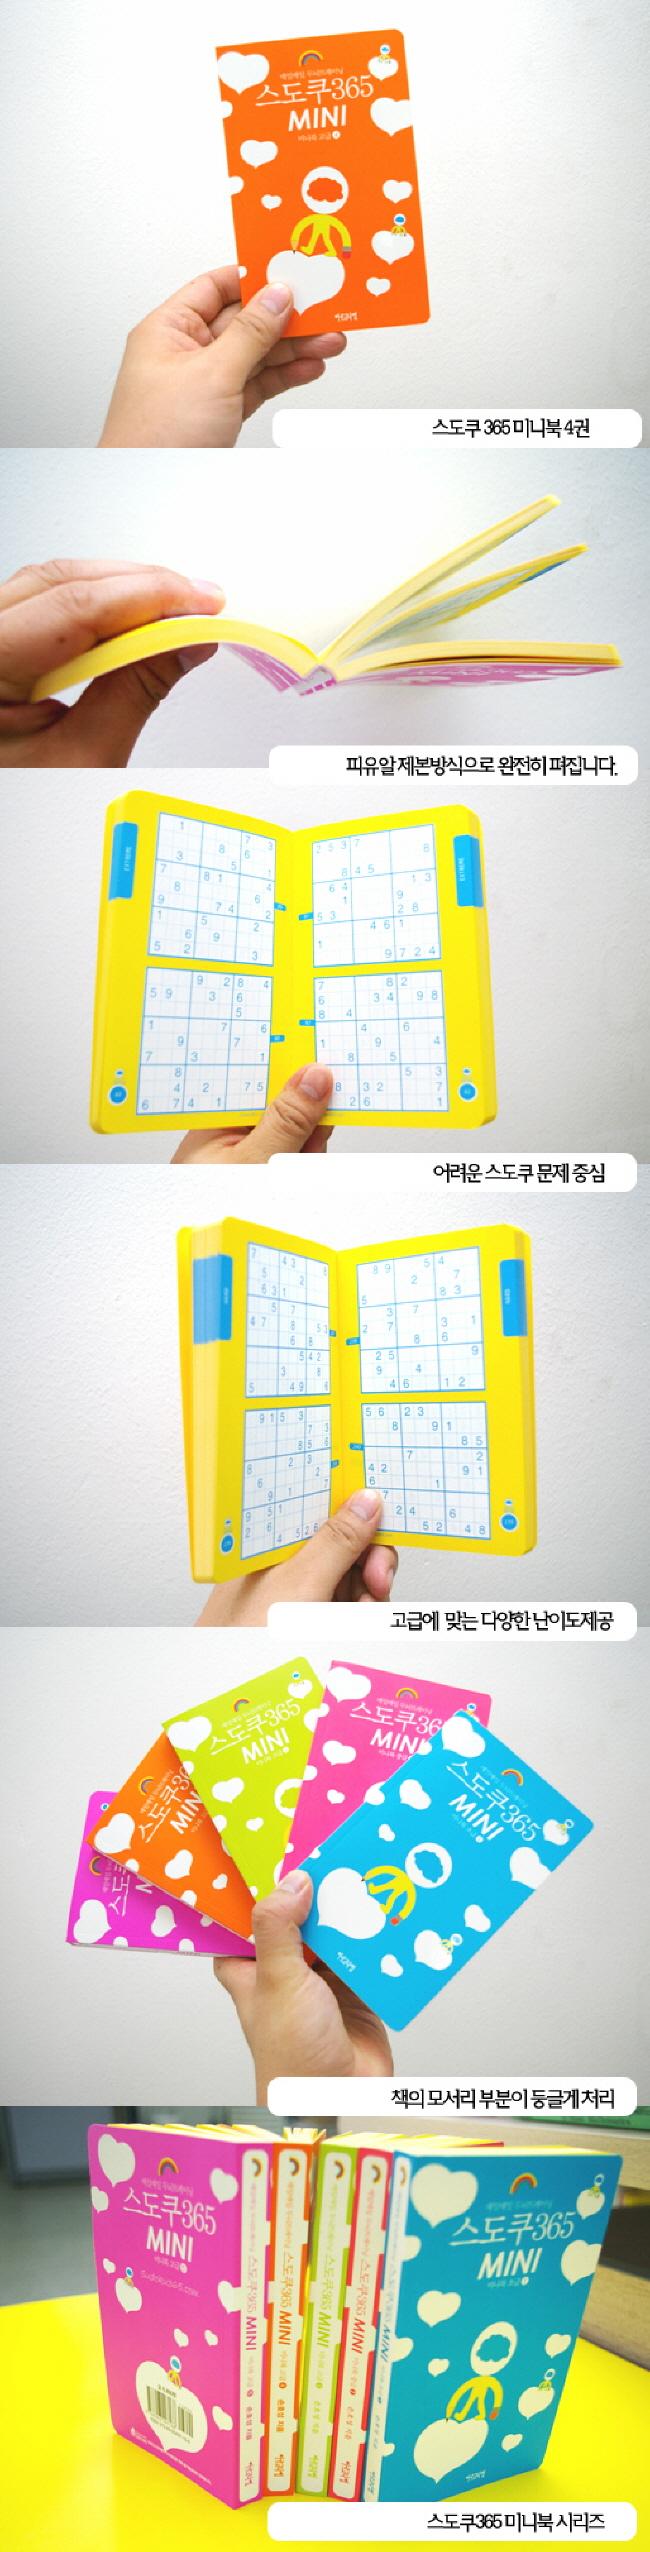 스도쿠 365 MINI: 매일매일 두뇌트레이닝(미니북 고급 4)(포켓북(문고판)) 도서 상세이미지